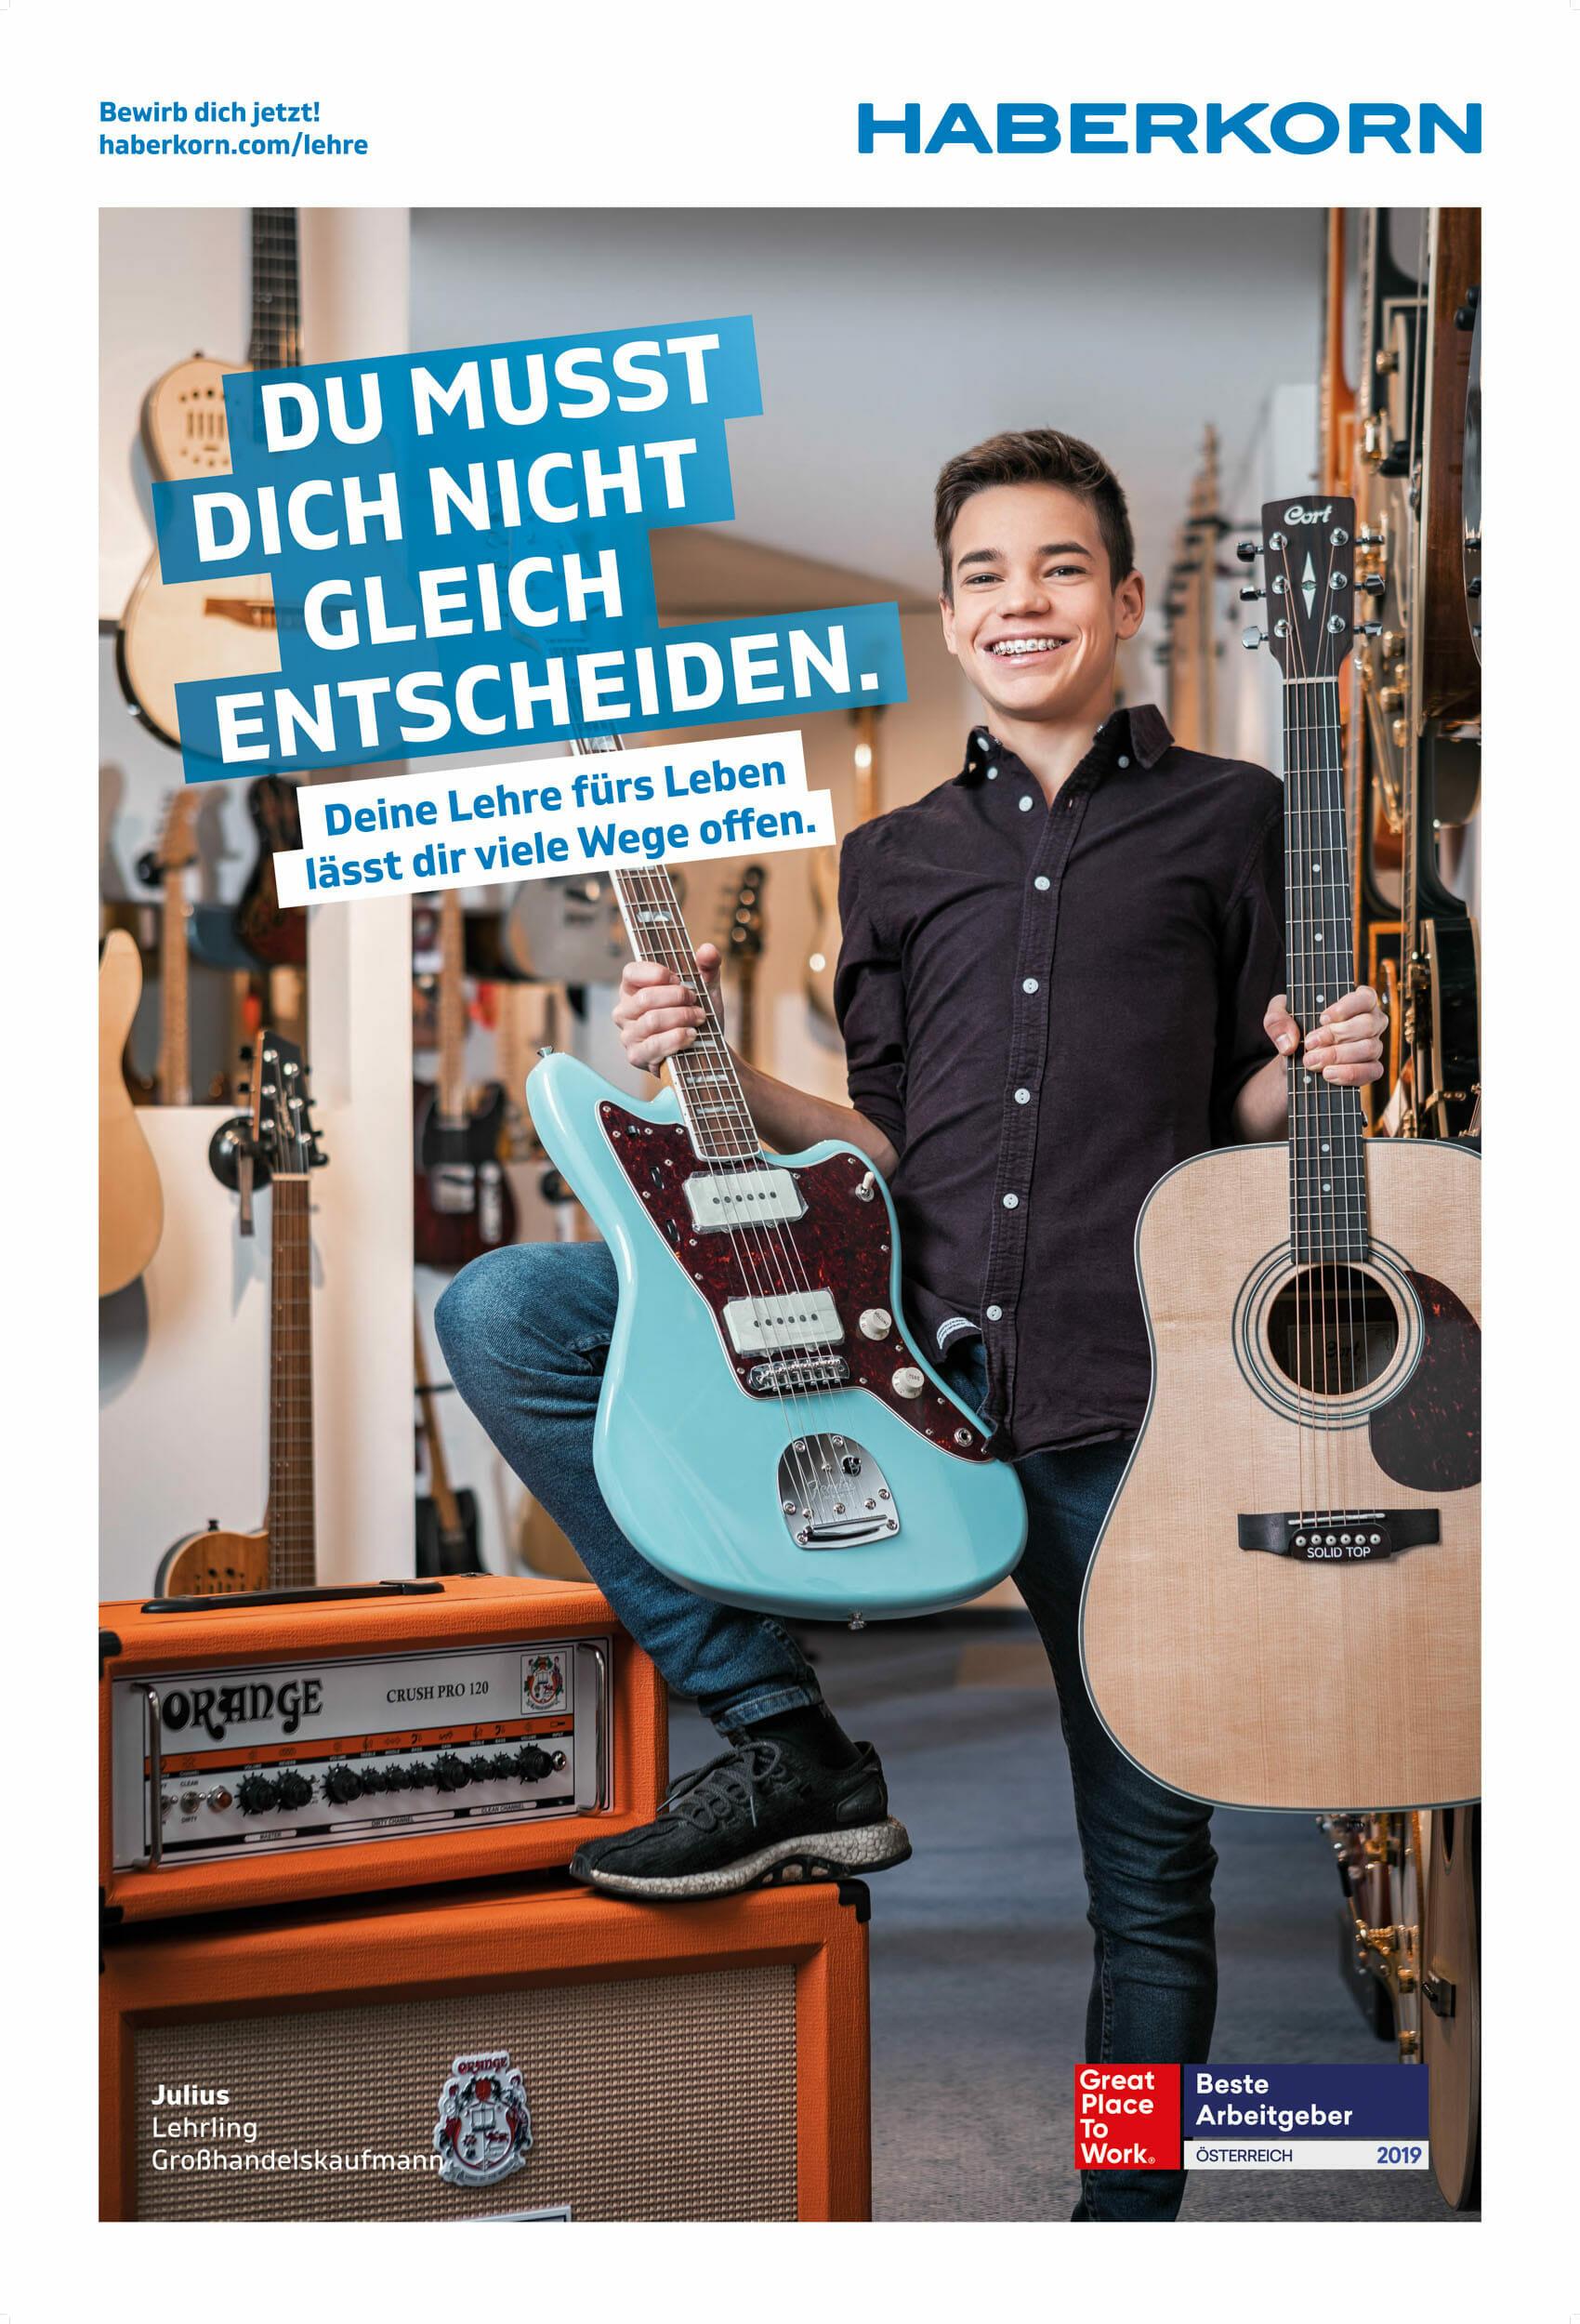 Industriefotografie für Haberkorn. Die Lehrlingskampagne wurde in ganz Vorarlberg gezeigt. Luca Fasching Industriefotograf